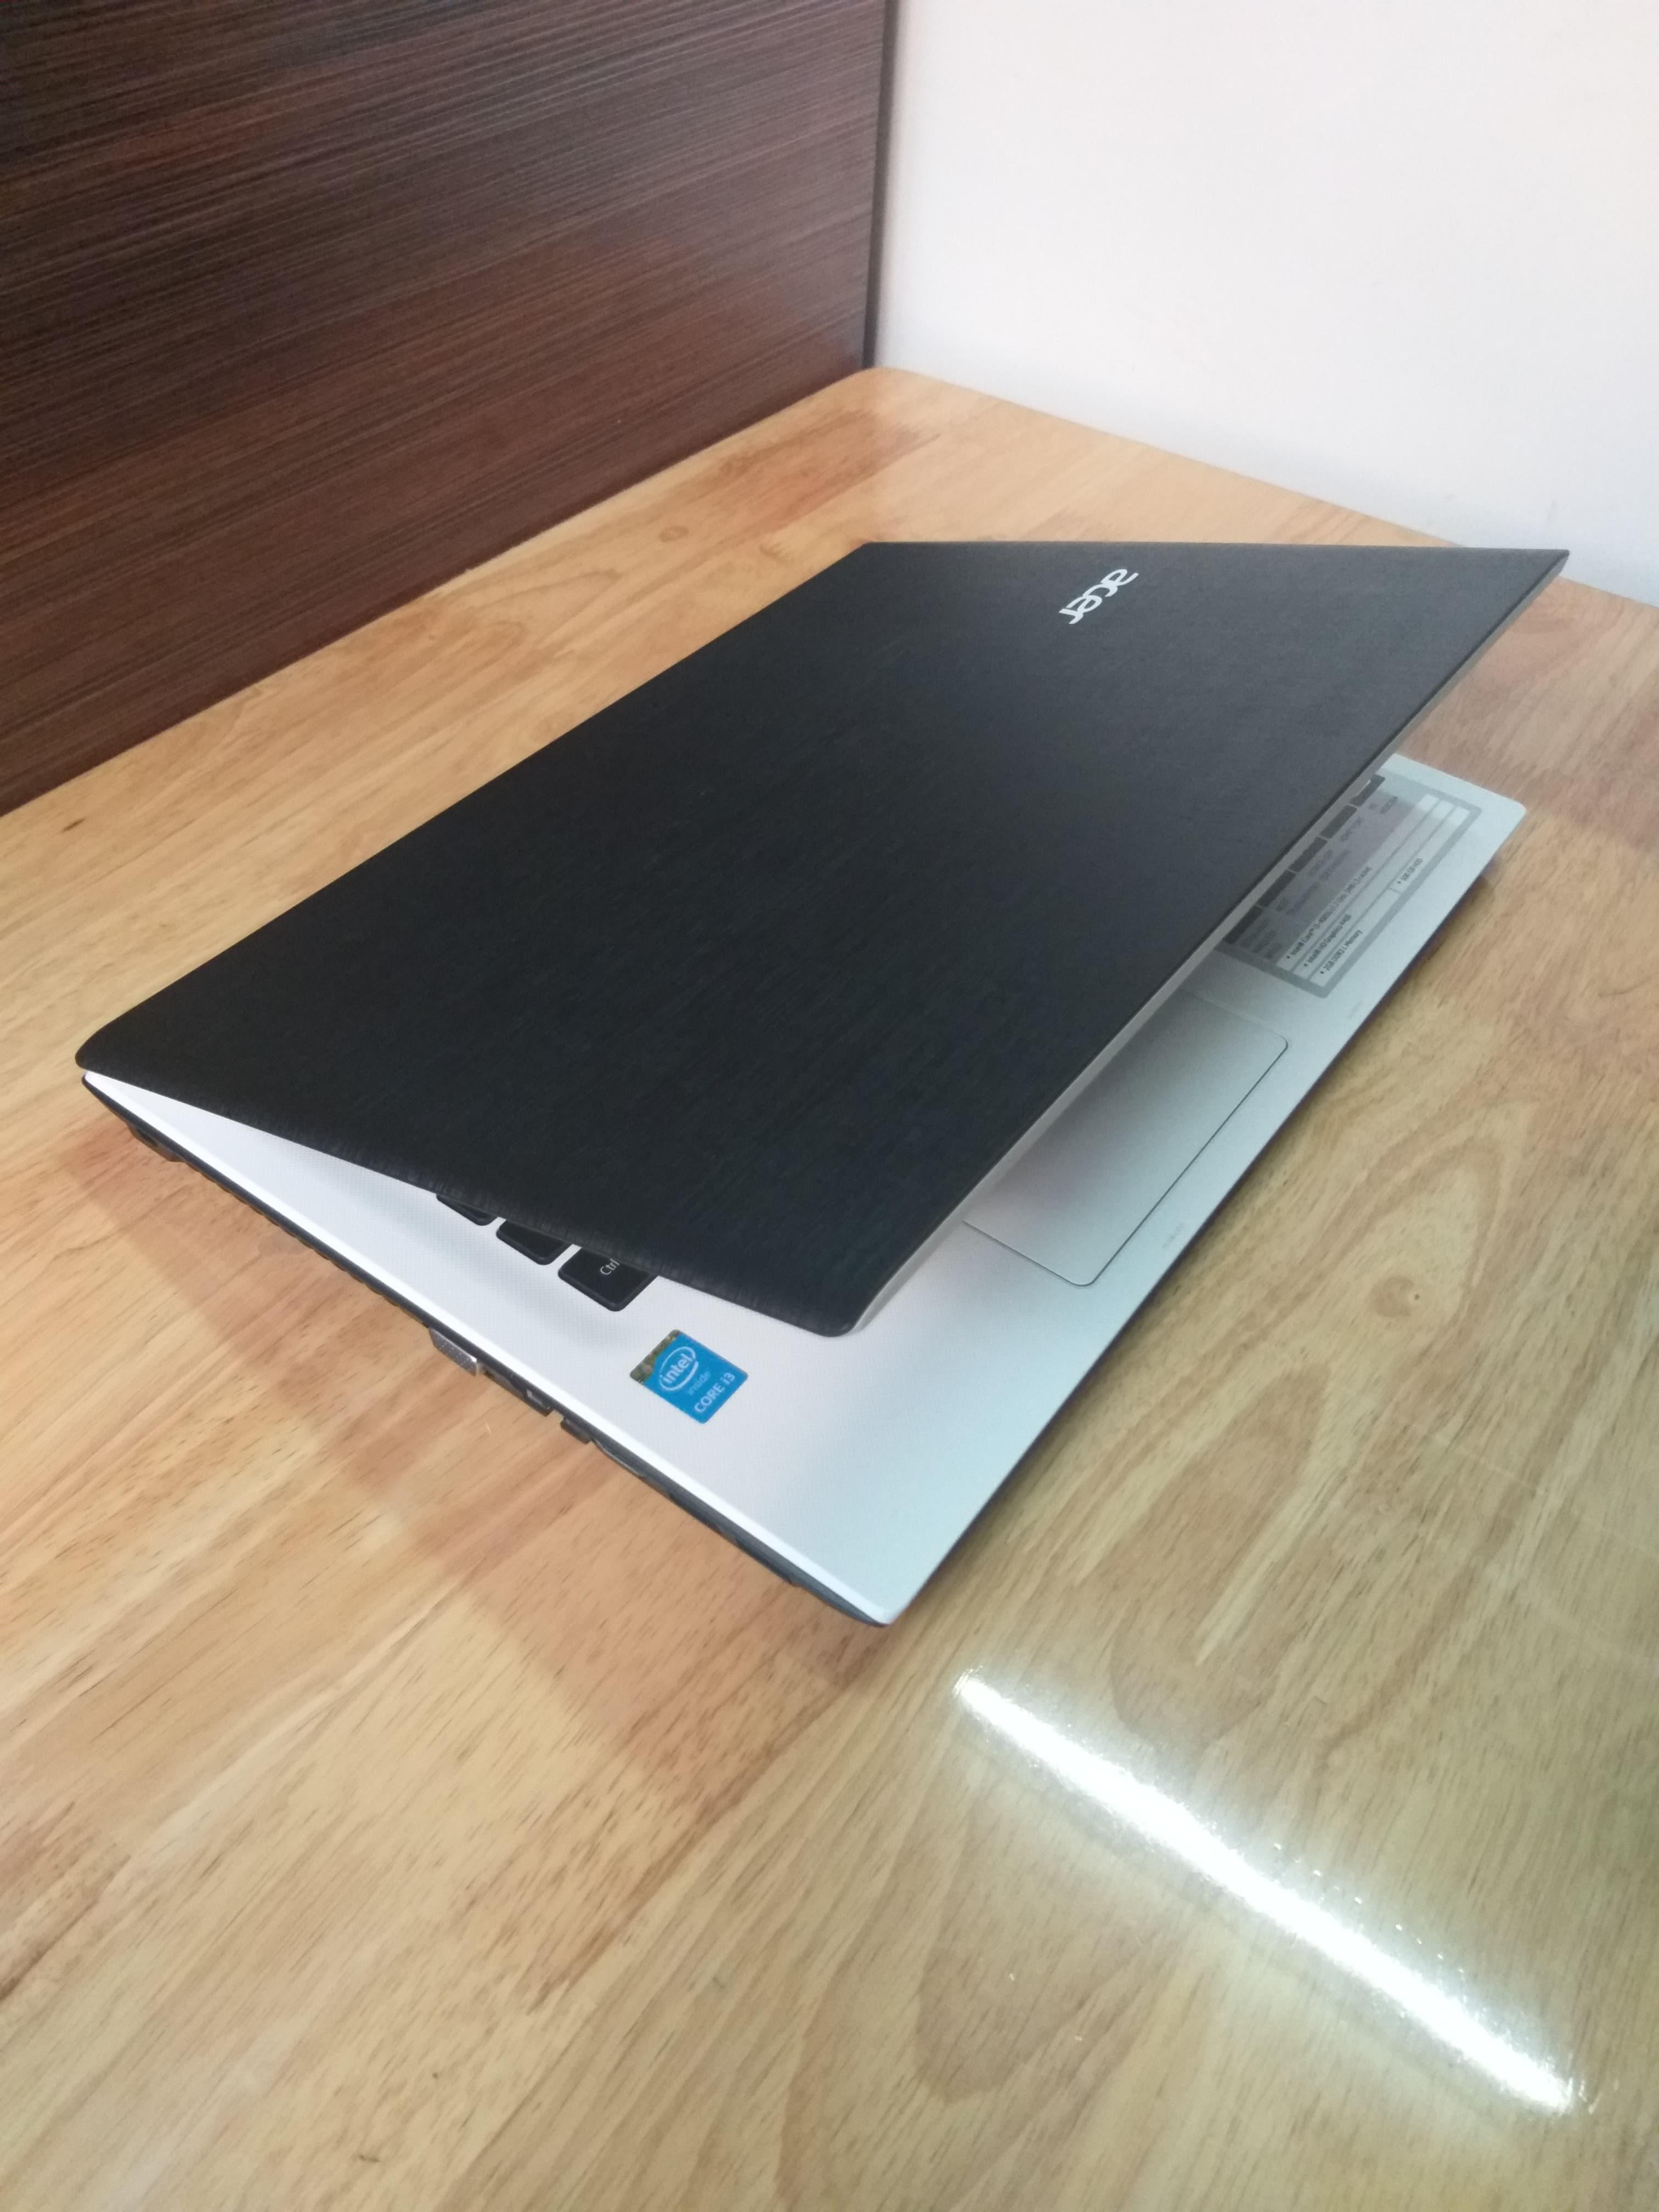 Acer E5-473, I3 4005U RAM 4GB HDD 500GB